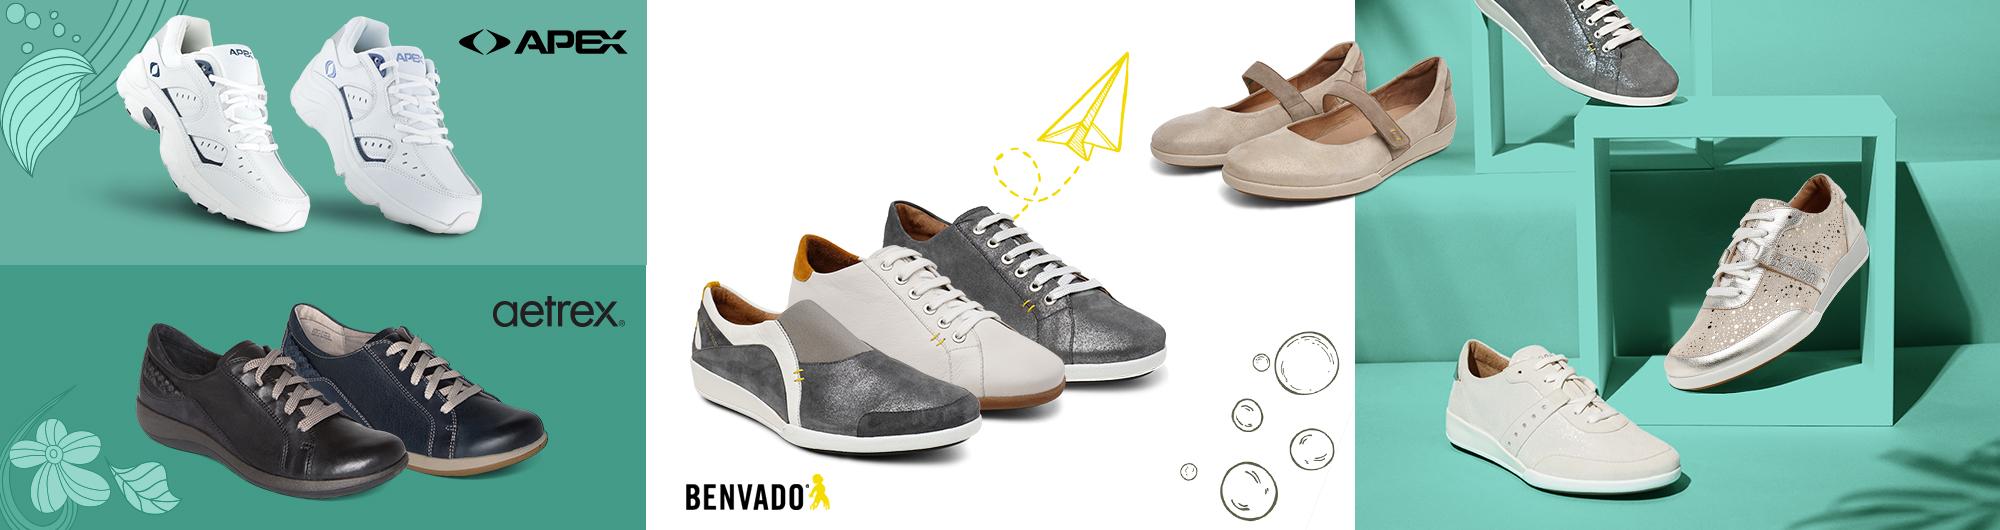 Дамски спортни обувки, дамски маратонки - Benvado, Apex, Aetrex